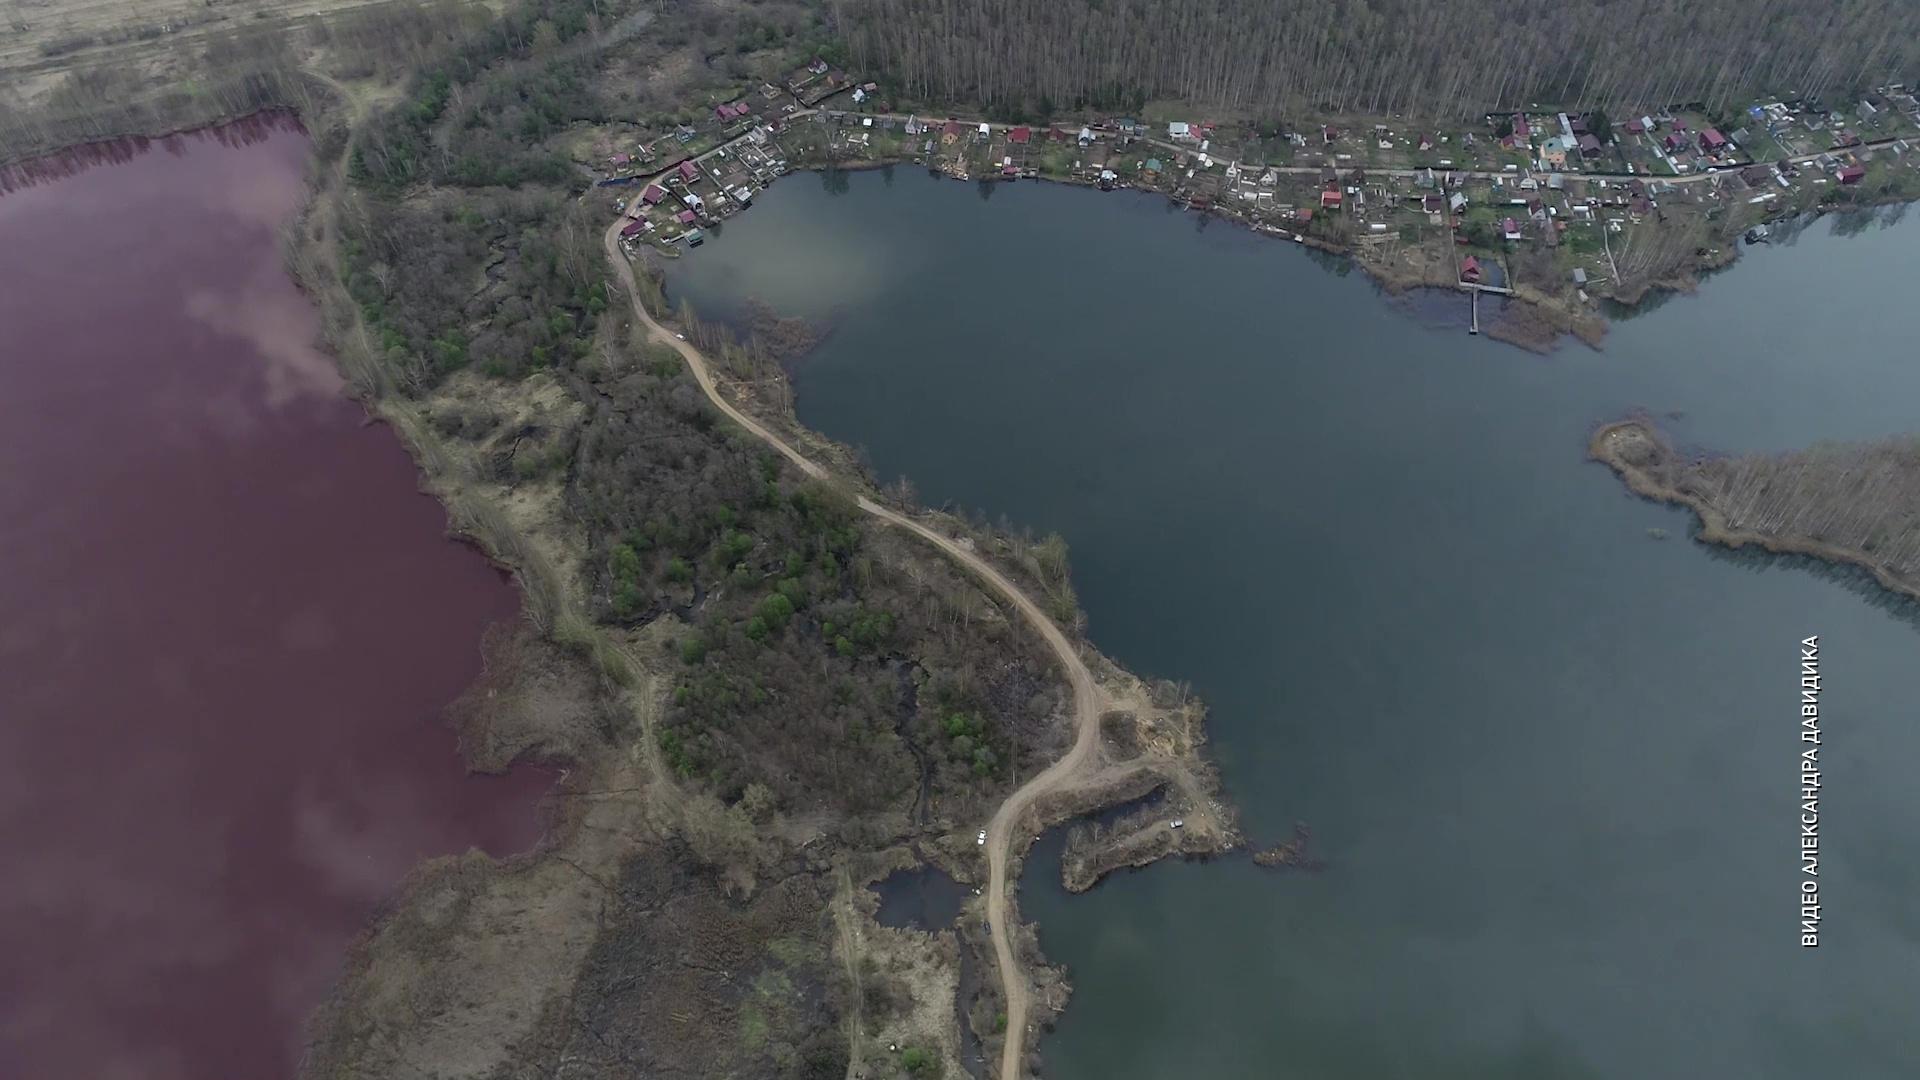 В Ярославле на Климовских карьерах покраснела вода: экологи объяснили причины